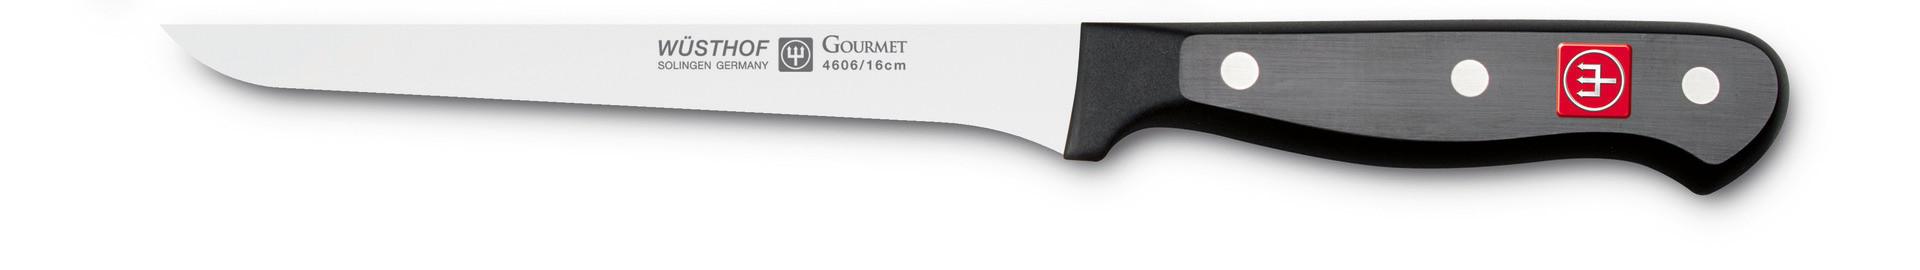 Gourmet, Ausbeinmesser Klingenlänge 160 mm / 300 mm lang